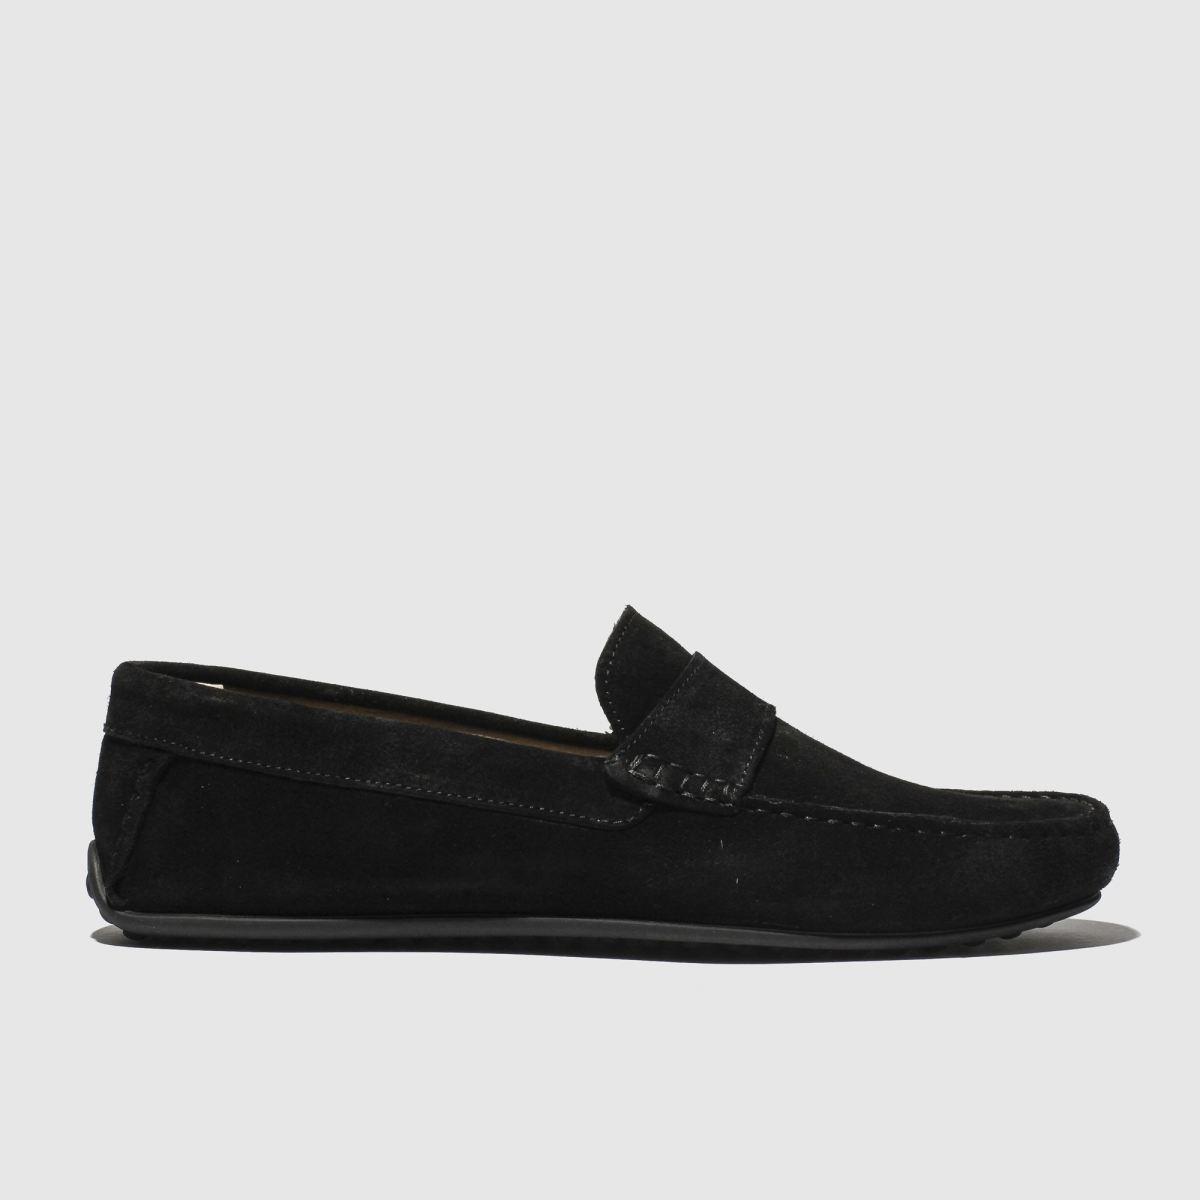 2d3c5d3da45b1 Schuh Black Luigi Shoes